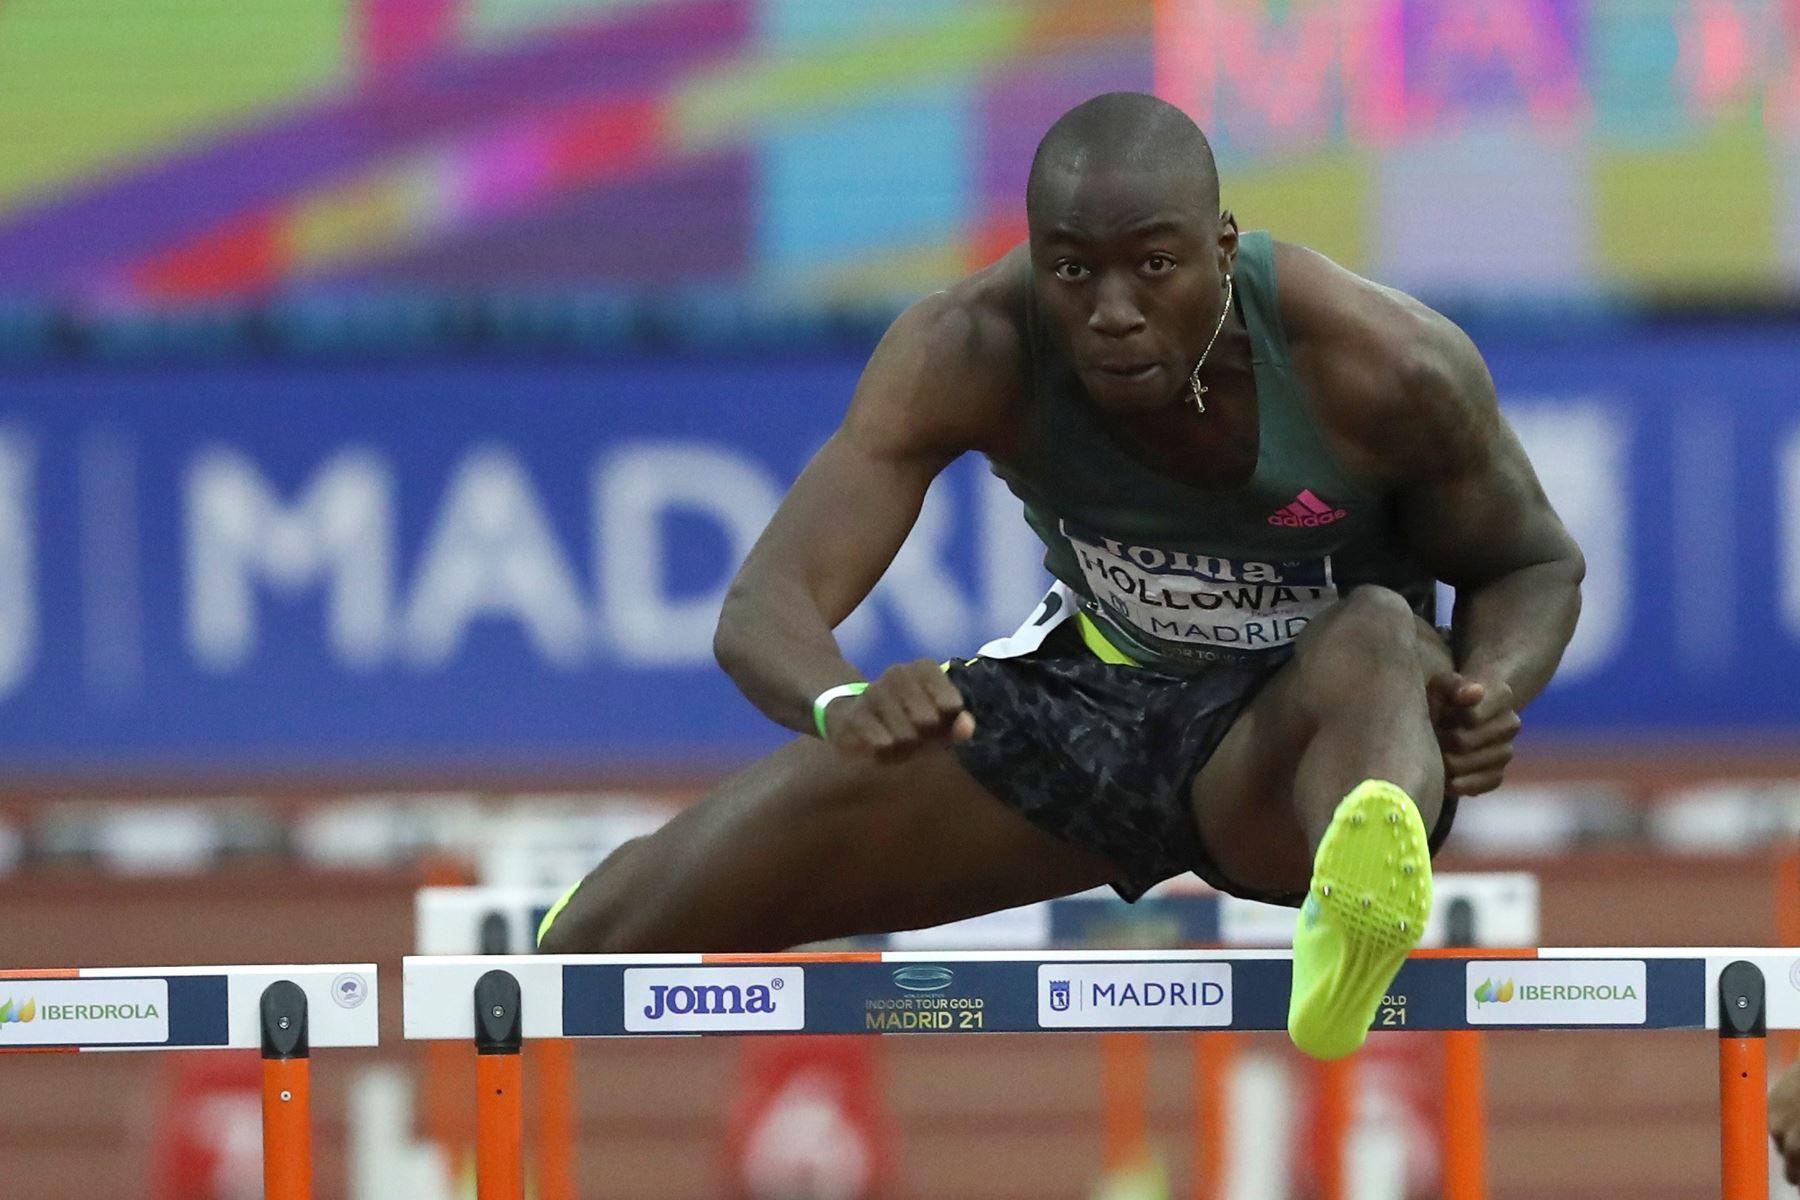 El atleta estadounidense Grant Holloway en la carrera en la que ha batido el récord mundial de los 60 metros vallas logrado en la Reunión Internacional de Atletismo Villa de Madrid 2021. Foto: EFE